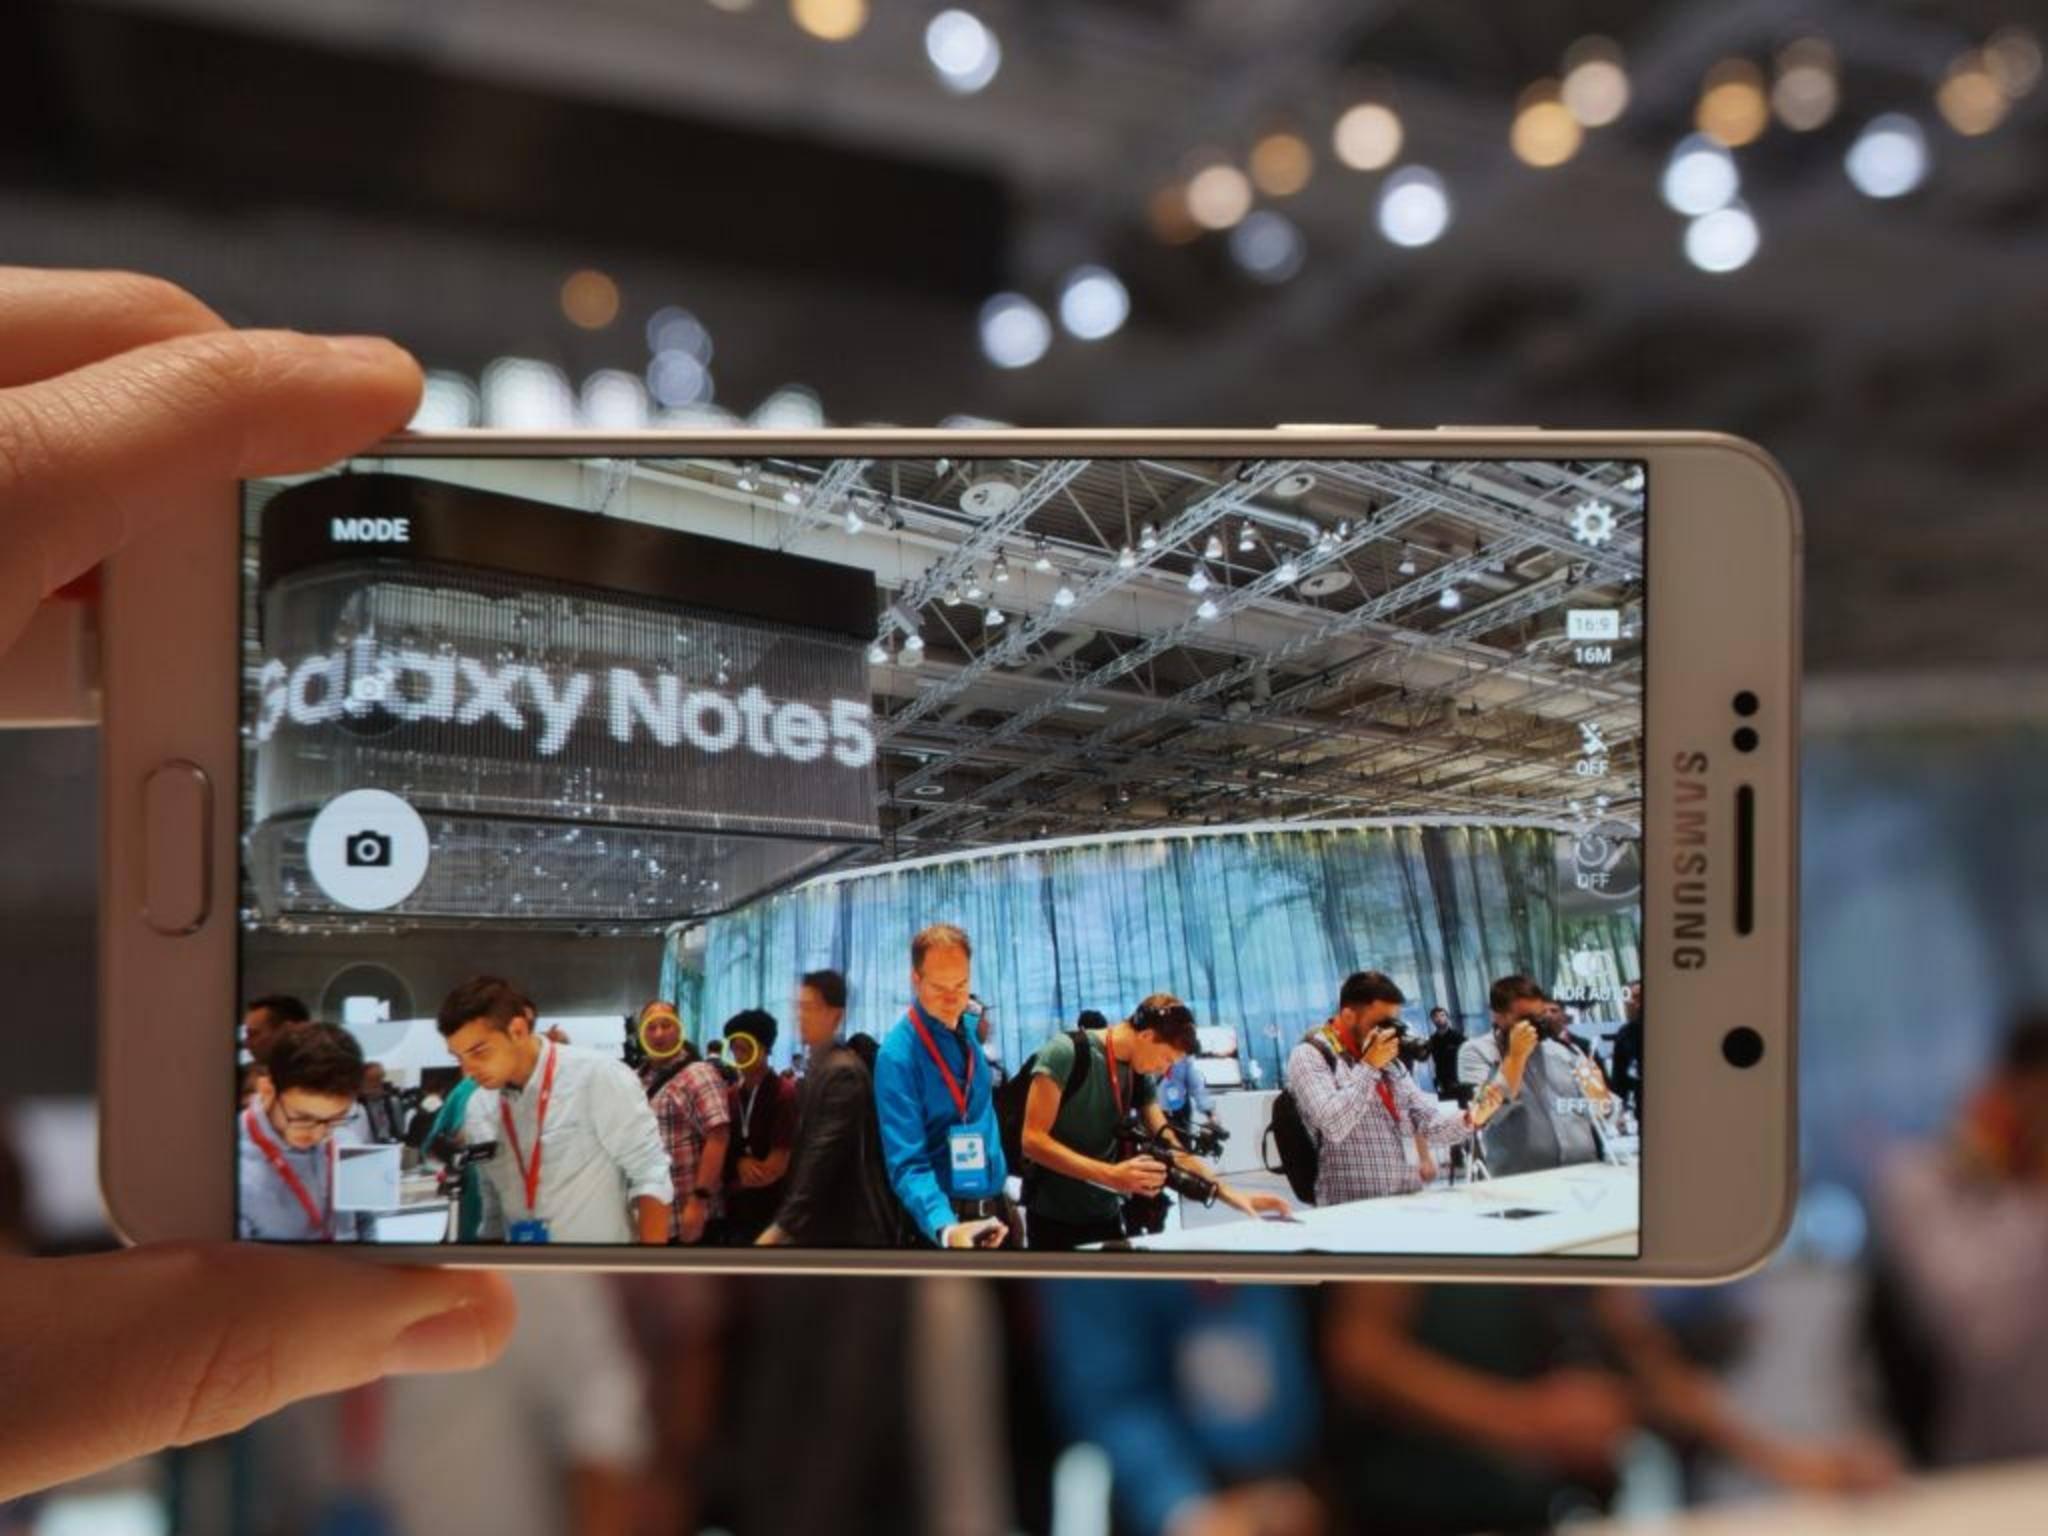 Beim Galaxy Note 5 stimmen meiner Meinung nach Hardware und Software.